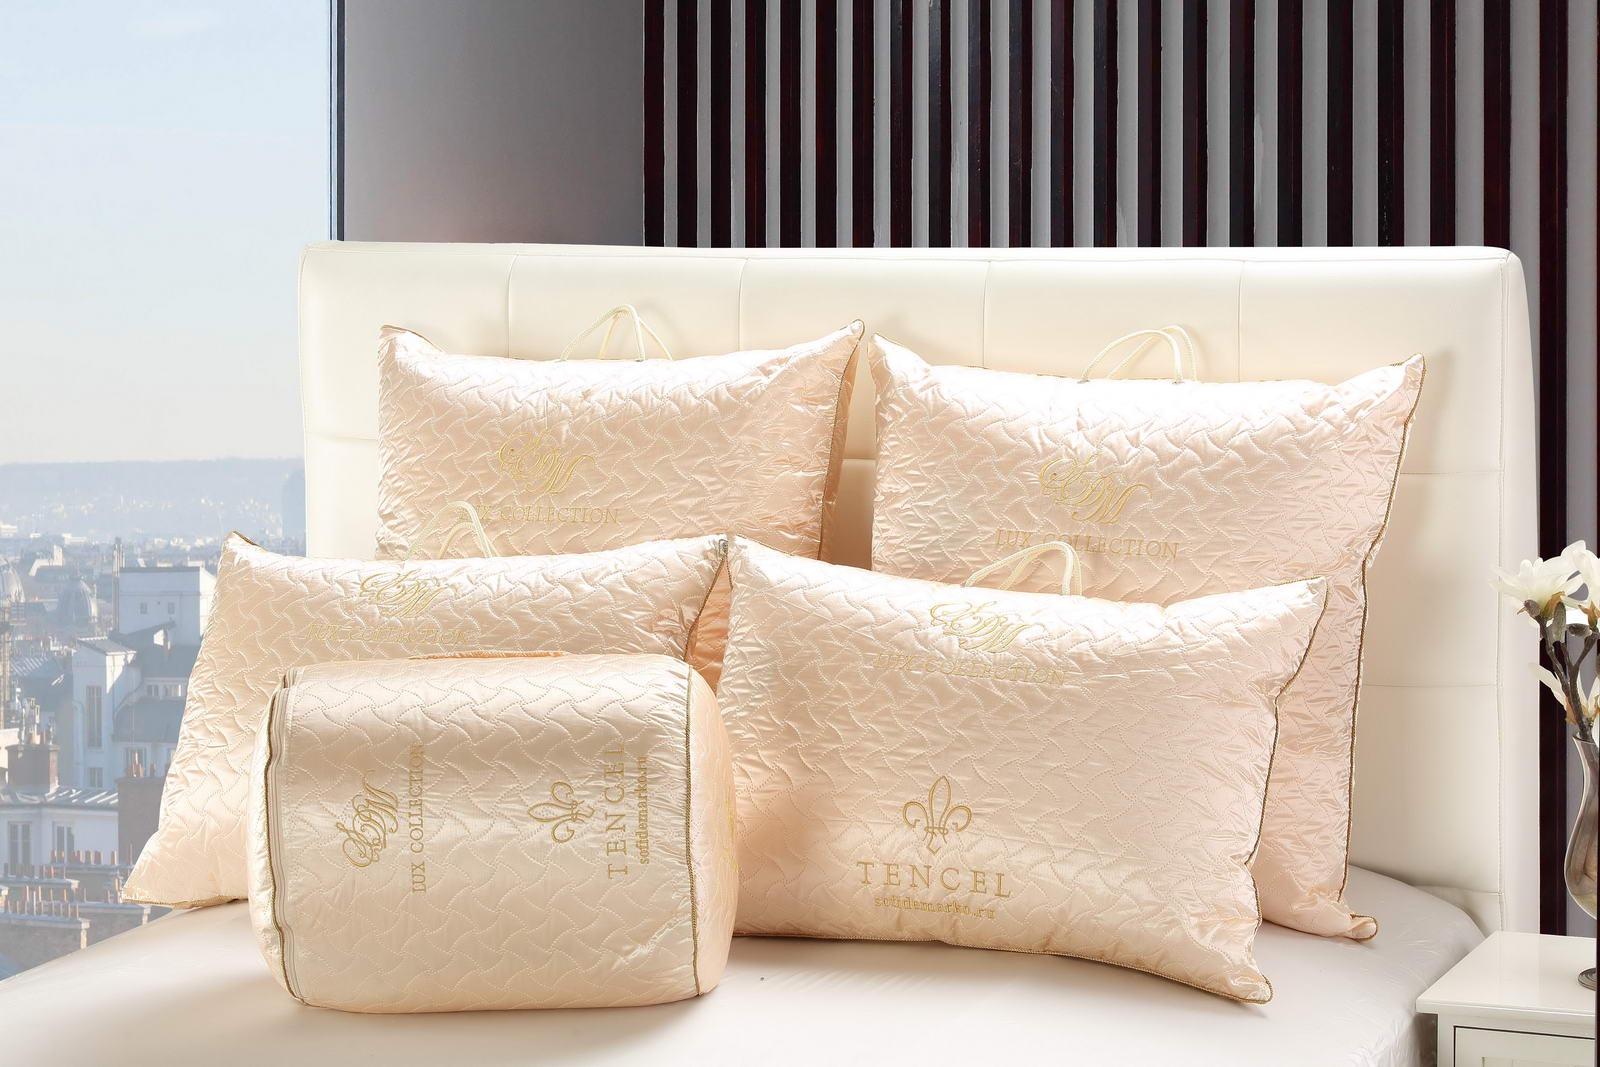 Подушка Sofi de Marko Тенсель, 70х70 см подушка le vele bamboo koton с жаккардом 70х70 см 766 17